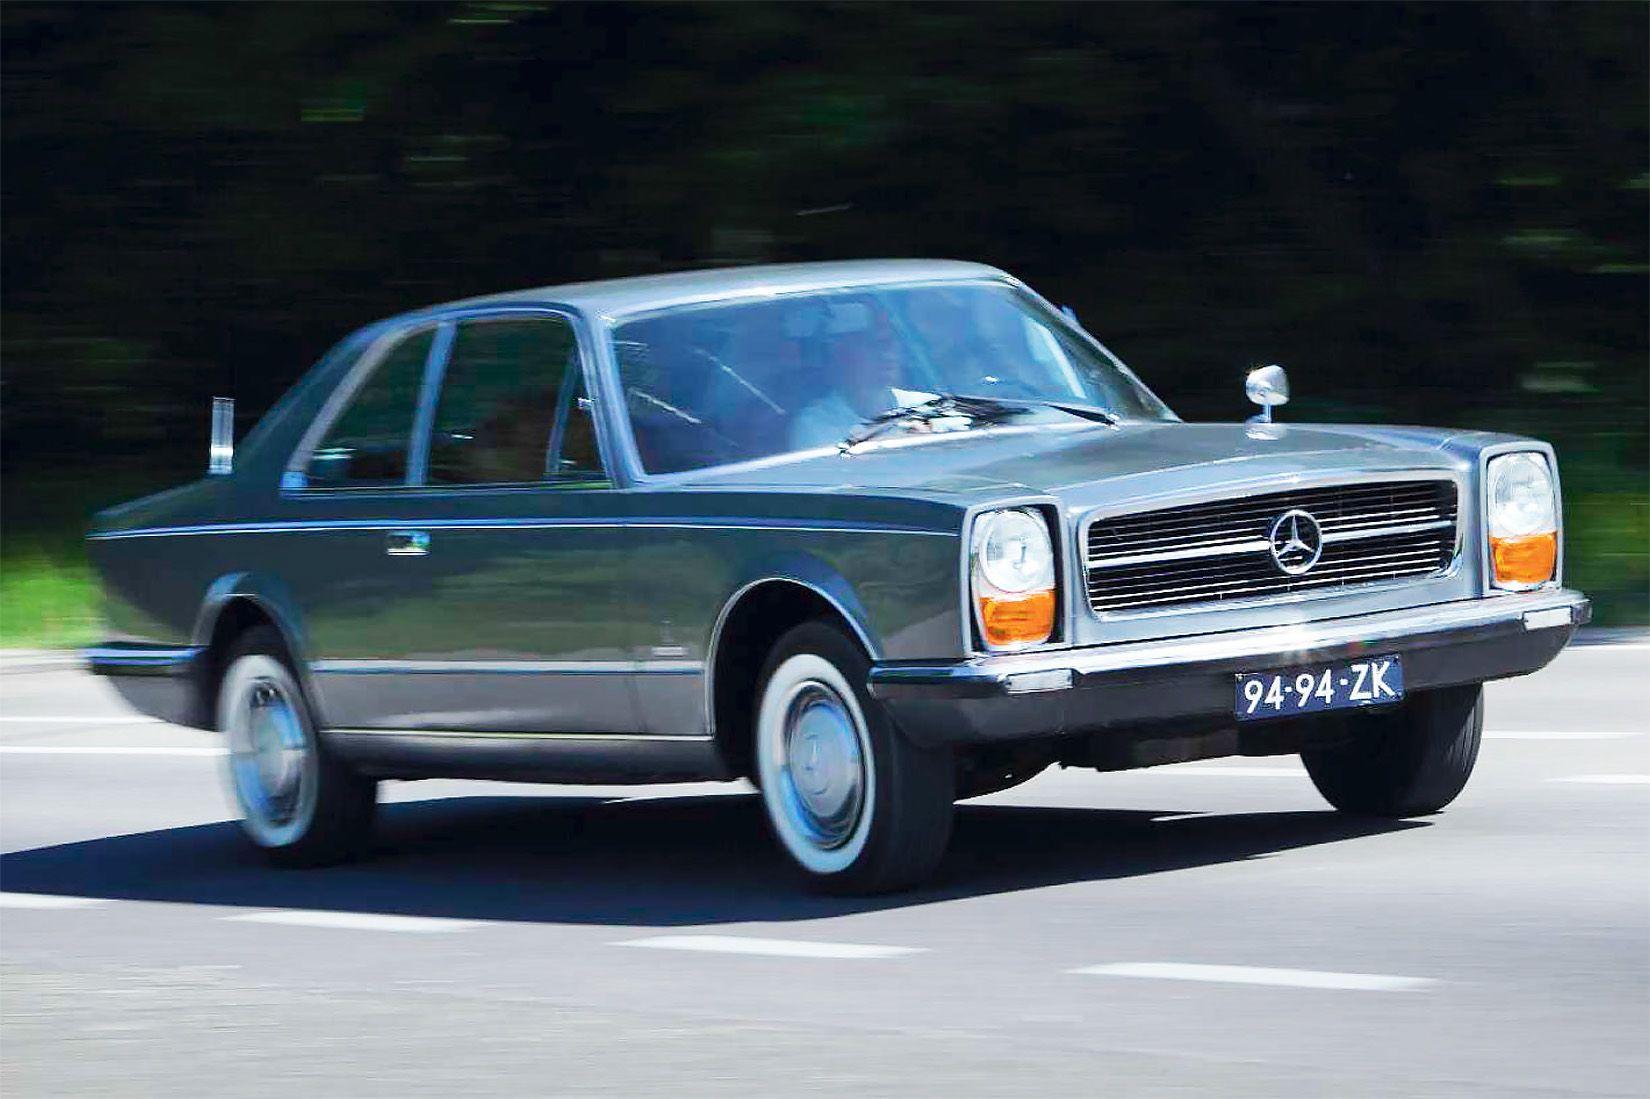 mercedes benz 300 sel 6 3 pininfarina coupe road drive transport pinterest mercedes benz. Black Bedroom Furniture Sets. Home Design Ideas